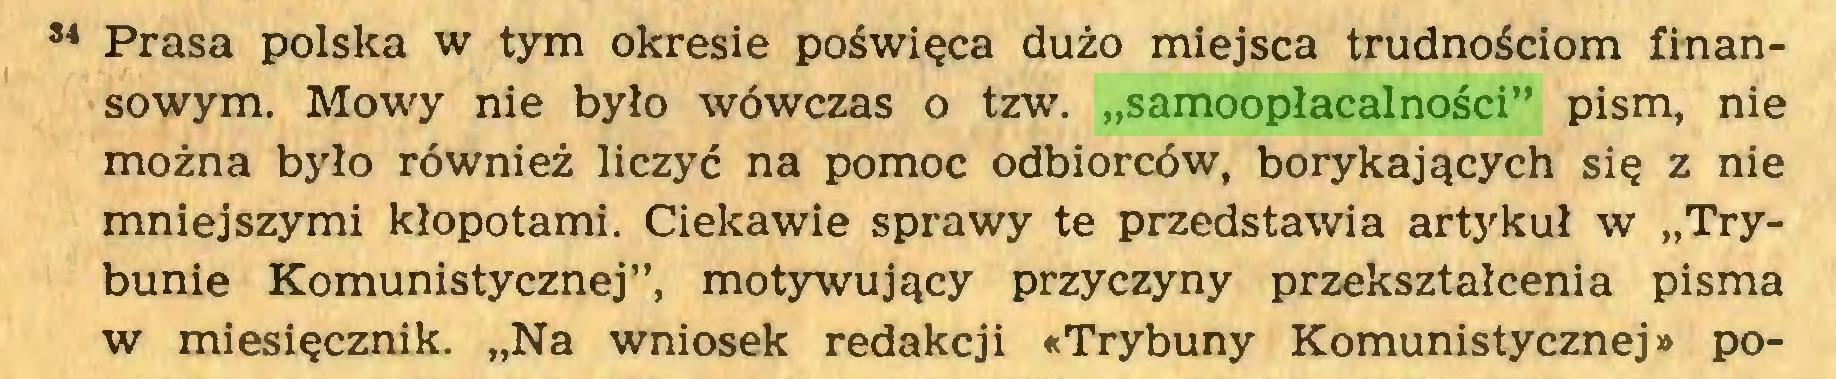 """(...) 84 Prasa polska w tym okresie poświęca dużo miejsca trudnościom finansowym. Mowy nie było wówczas o tzw. """"samoopłacalności"""" pism, nie można było również liczyć na pomoc odbiorców, borykających się z nie mniejszymi kłopotami. Ciekawie sprawy te przedstawia artykuł w """"Trybunie Komunistycznej"""", motywujący przyczyny przekształcenia pisma w miesięcznik. """"Na wniosek redakcji «Trybuny Komunistycznej» po..."""